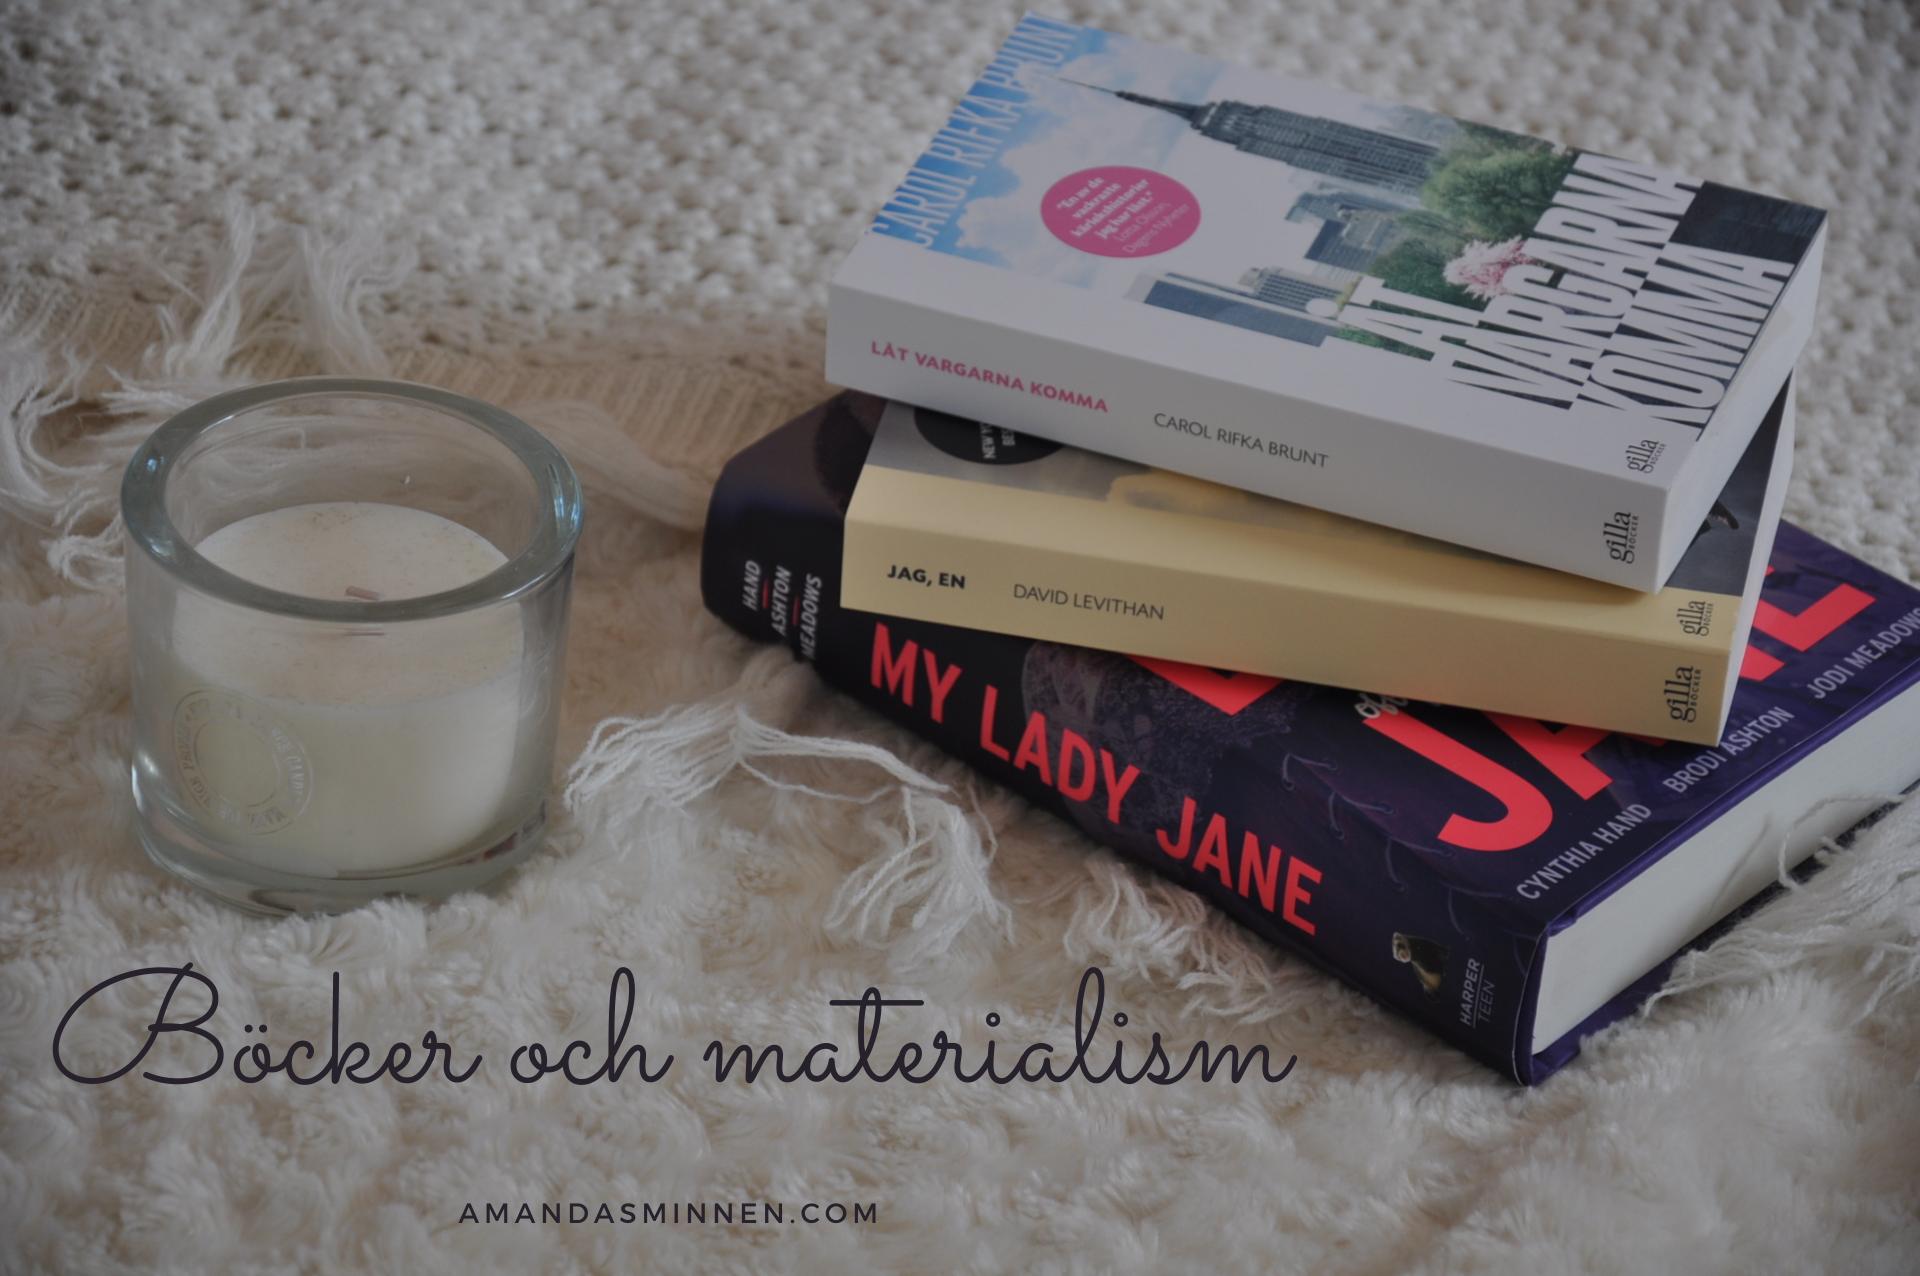 Böcker och materialism